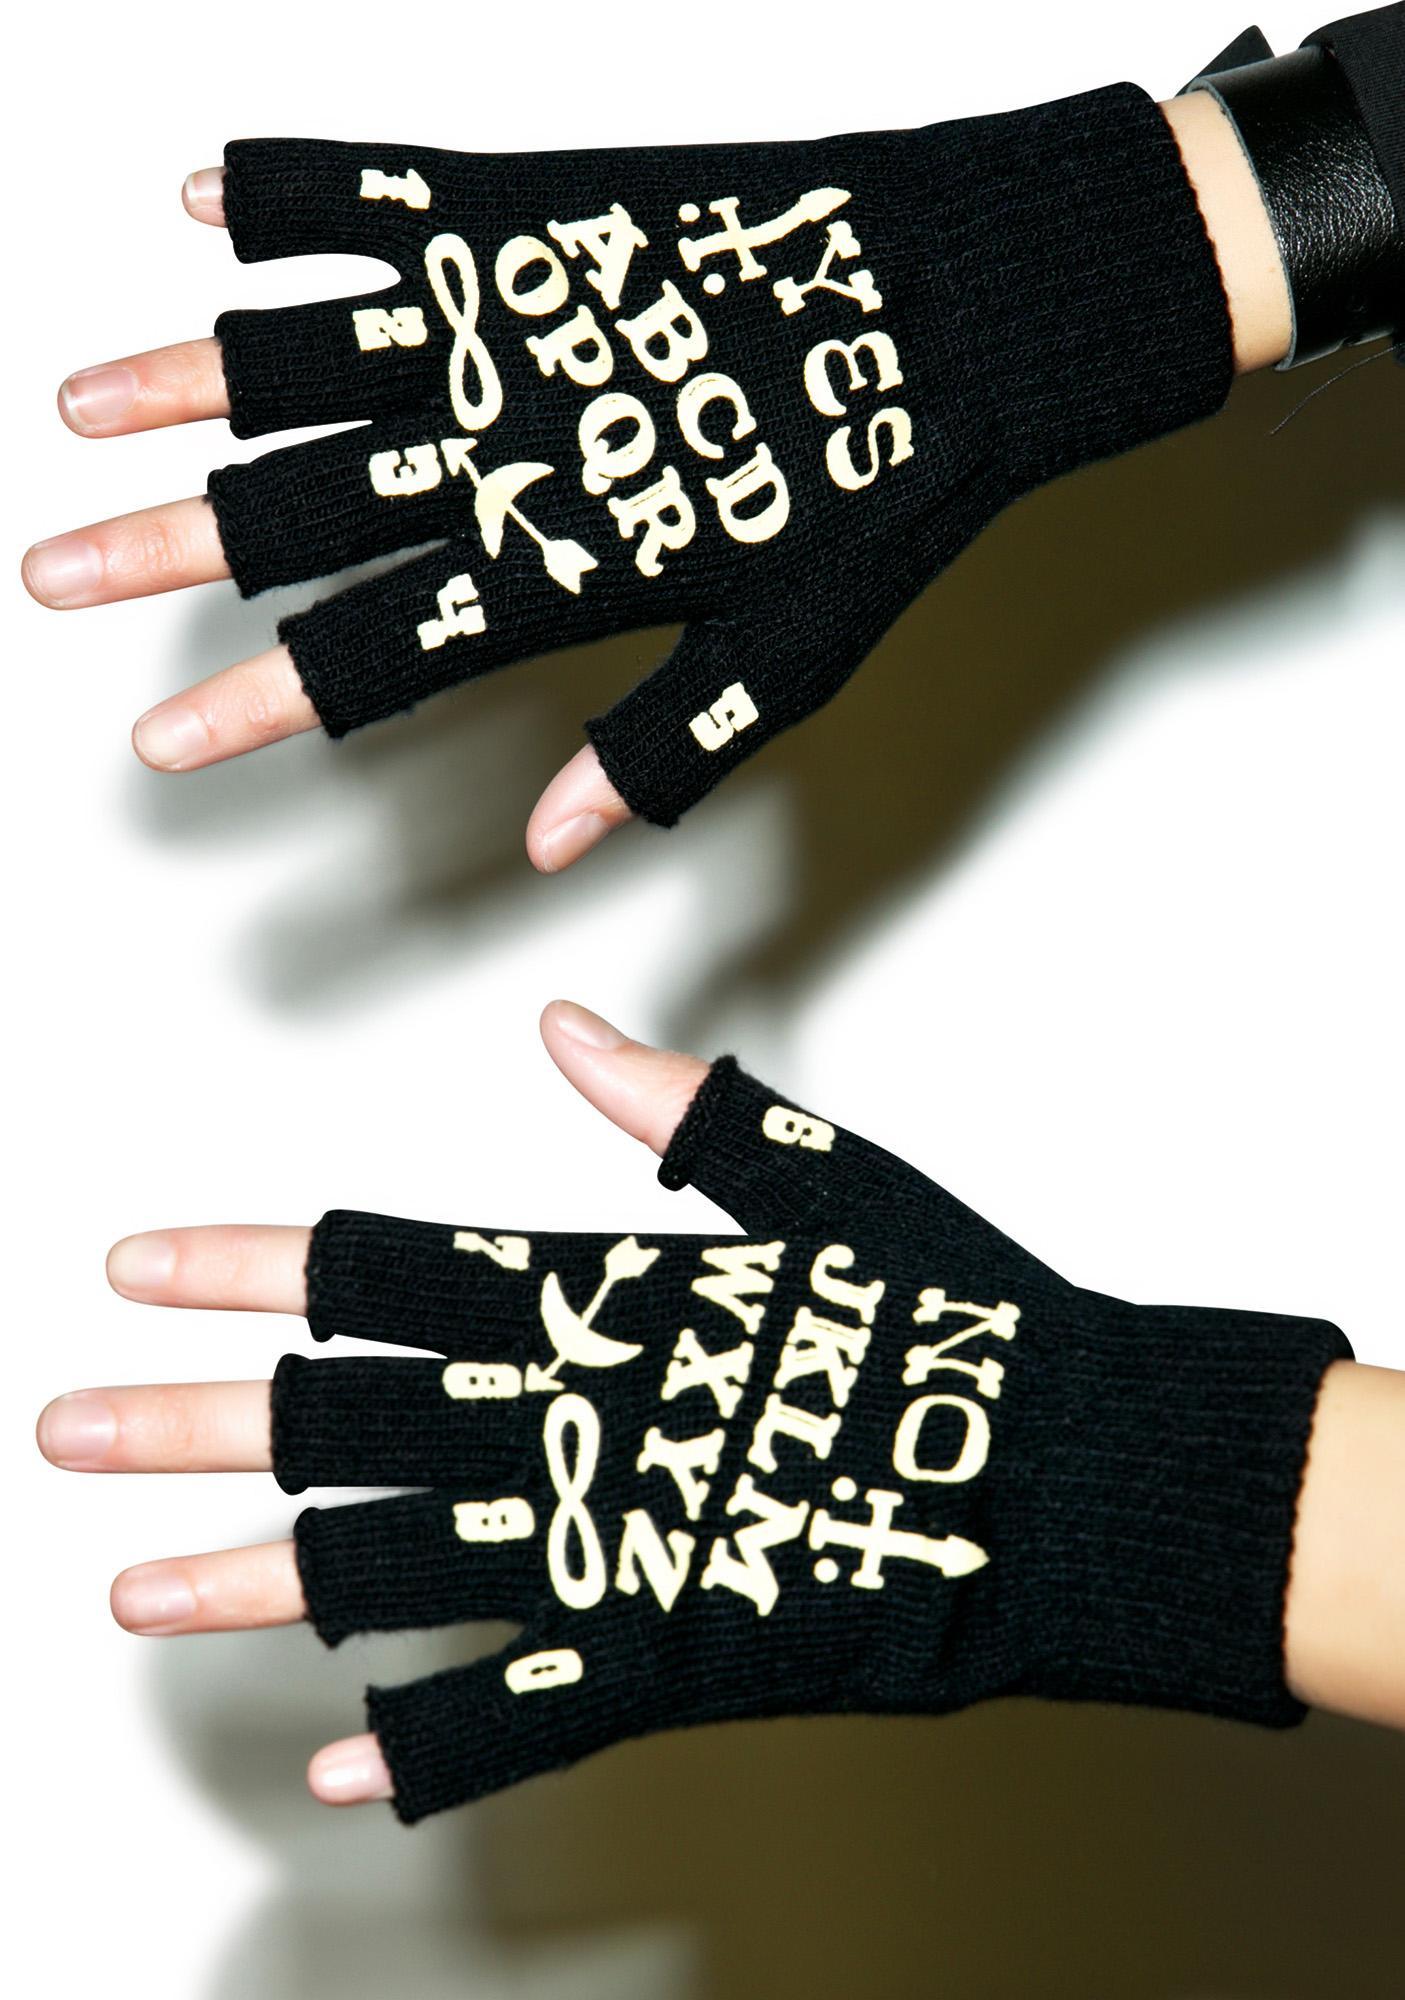 Too Fast Wanna Ouija Fingerless Gloves